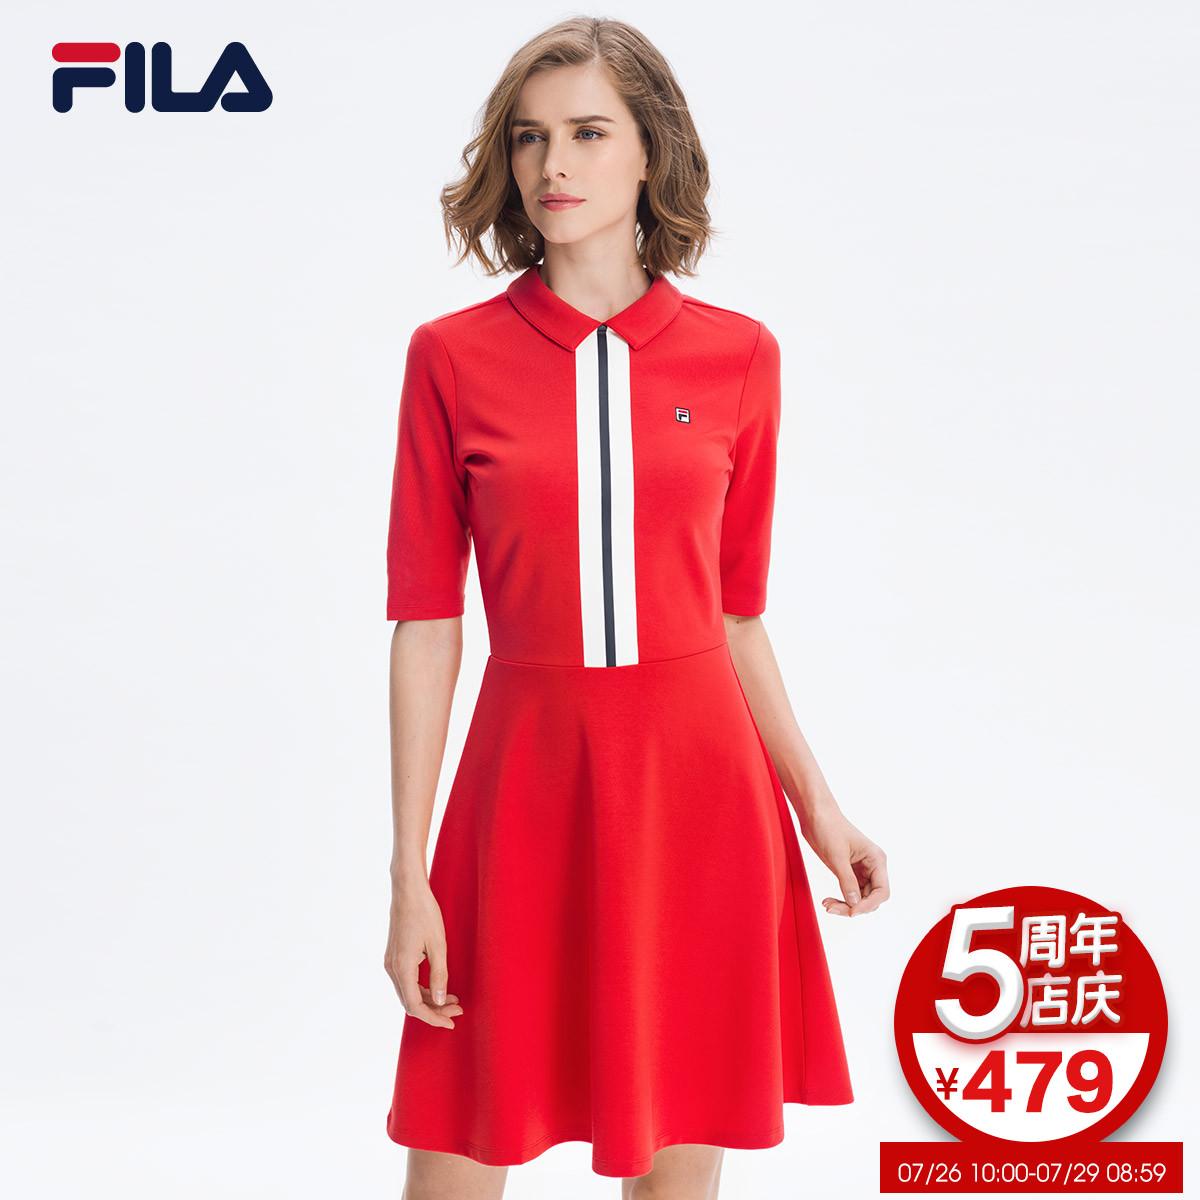 FILA Fila nữ ăn mặc 2018 mùa hè mới thể thao váy ngắn đơn giản thanh lịch tương phản màu thể thao ăn mặc nữ